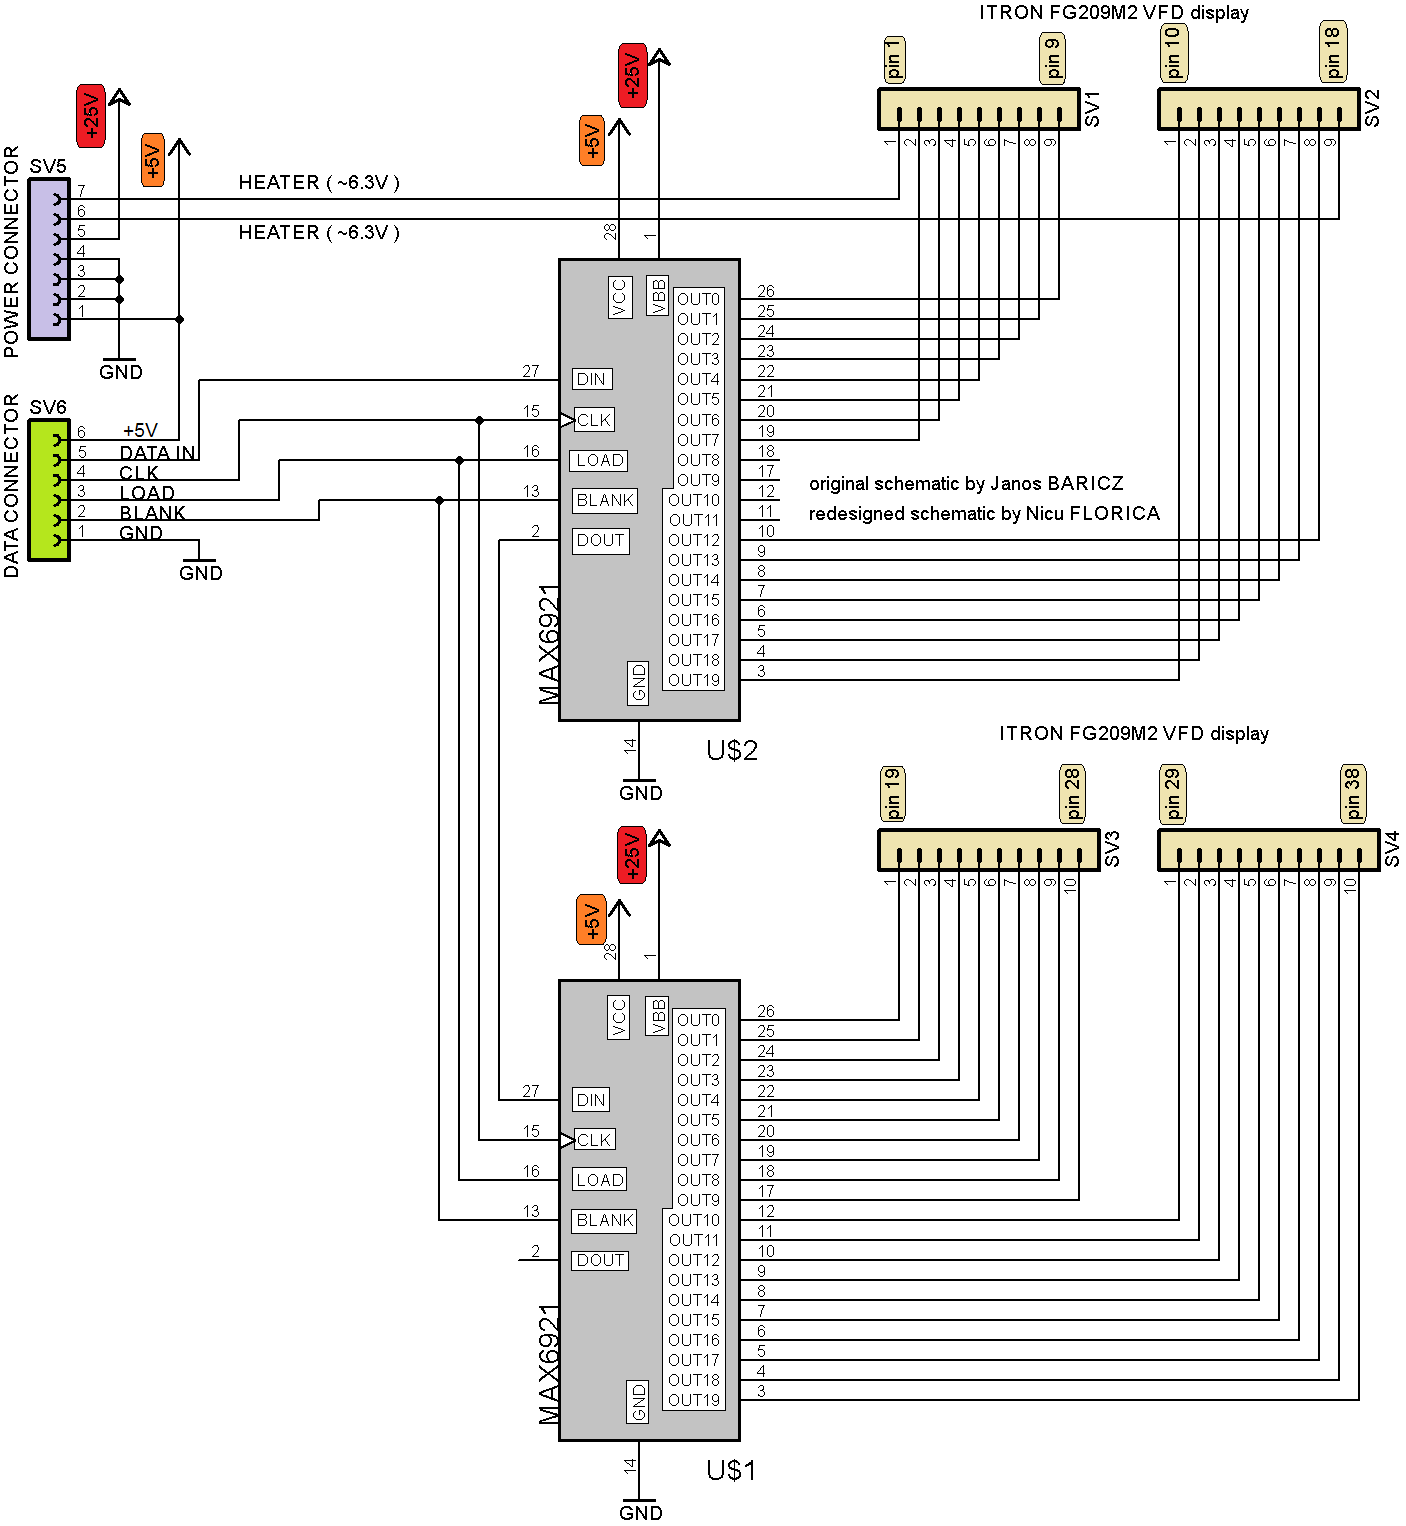 danfoss vfd wiring diagram danfoss automotive wiring diagrams schema1 c da 2max6921 la vfd fg209m2 danfoss [ 1406 x 1526 Pixel ]